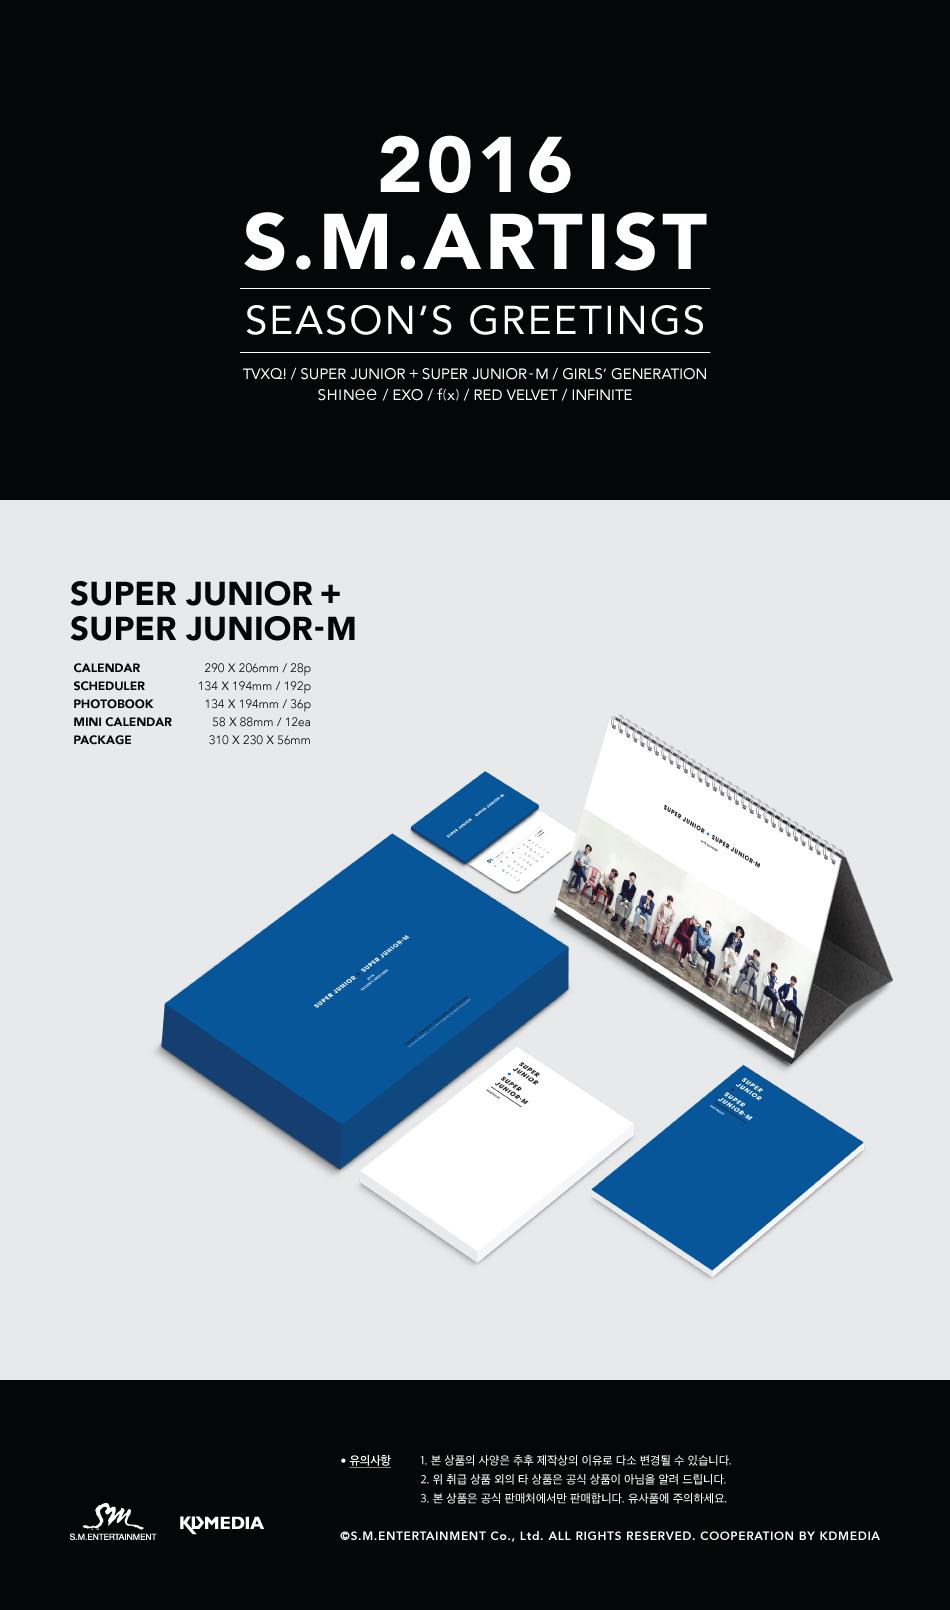 Super Junior + Super Junior M - 2016 SEASON GREETING